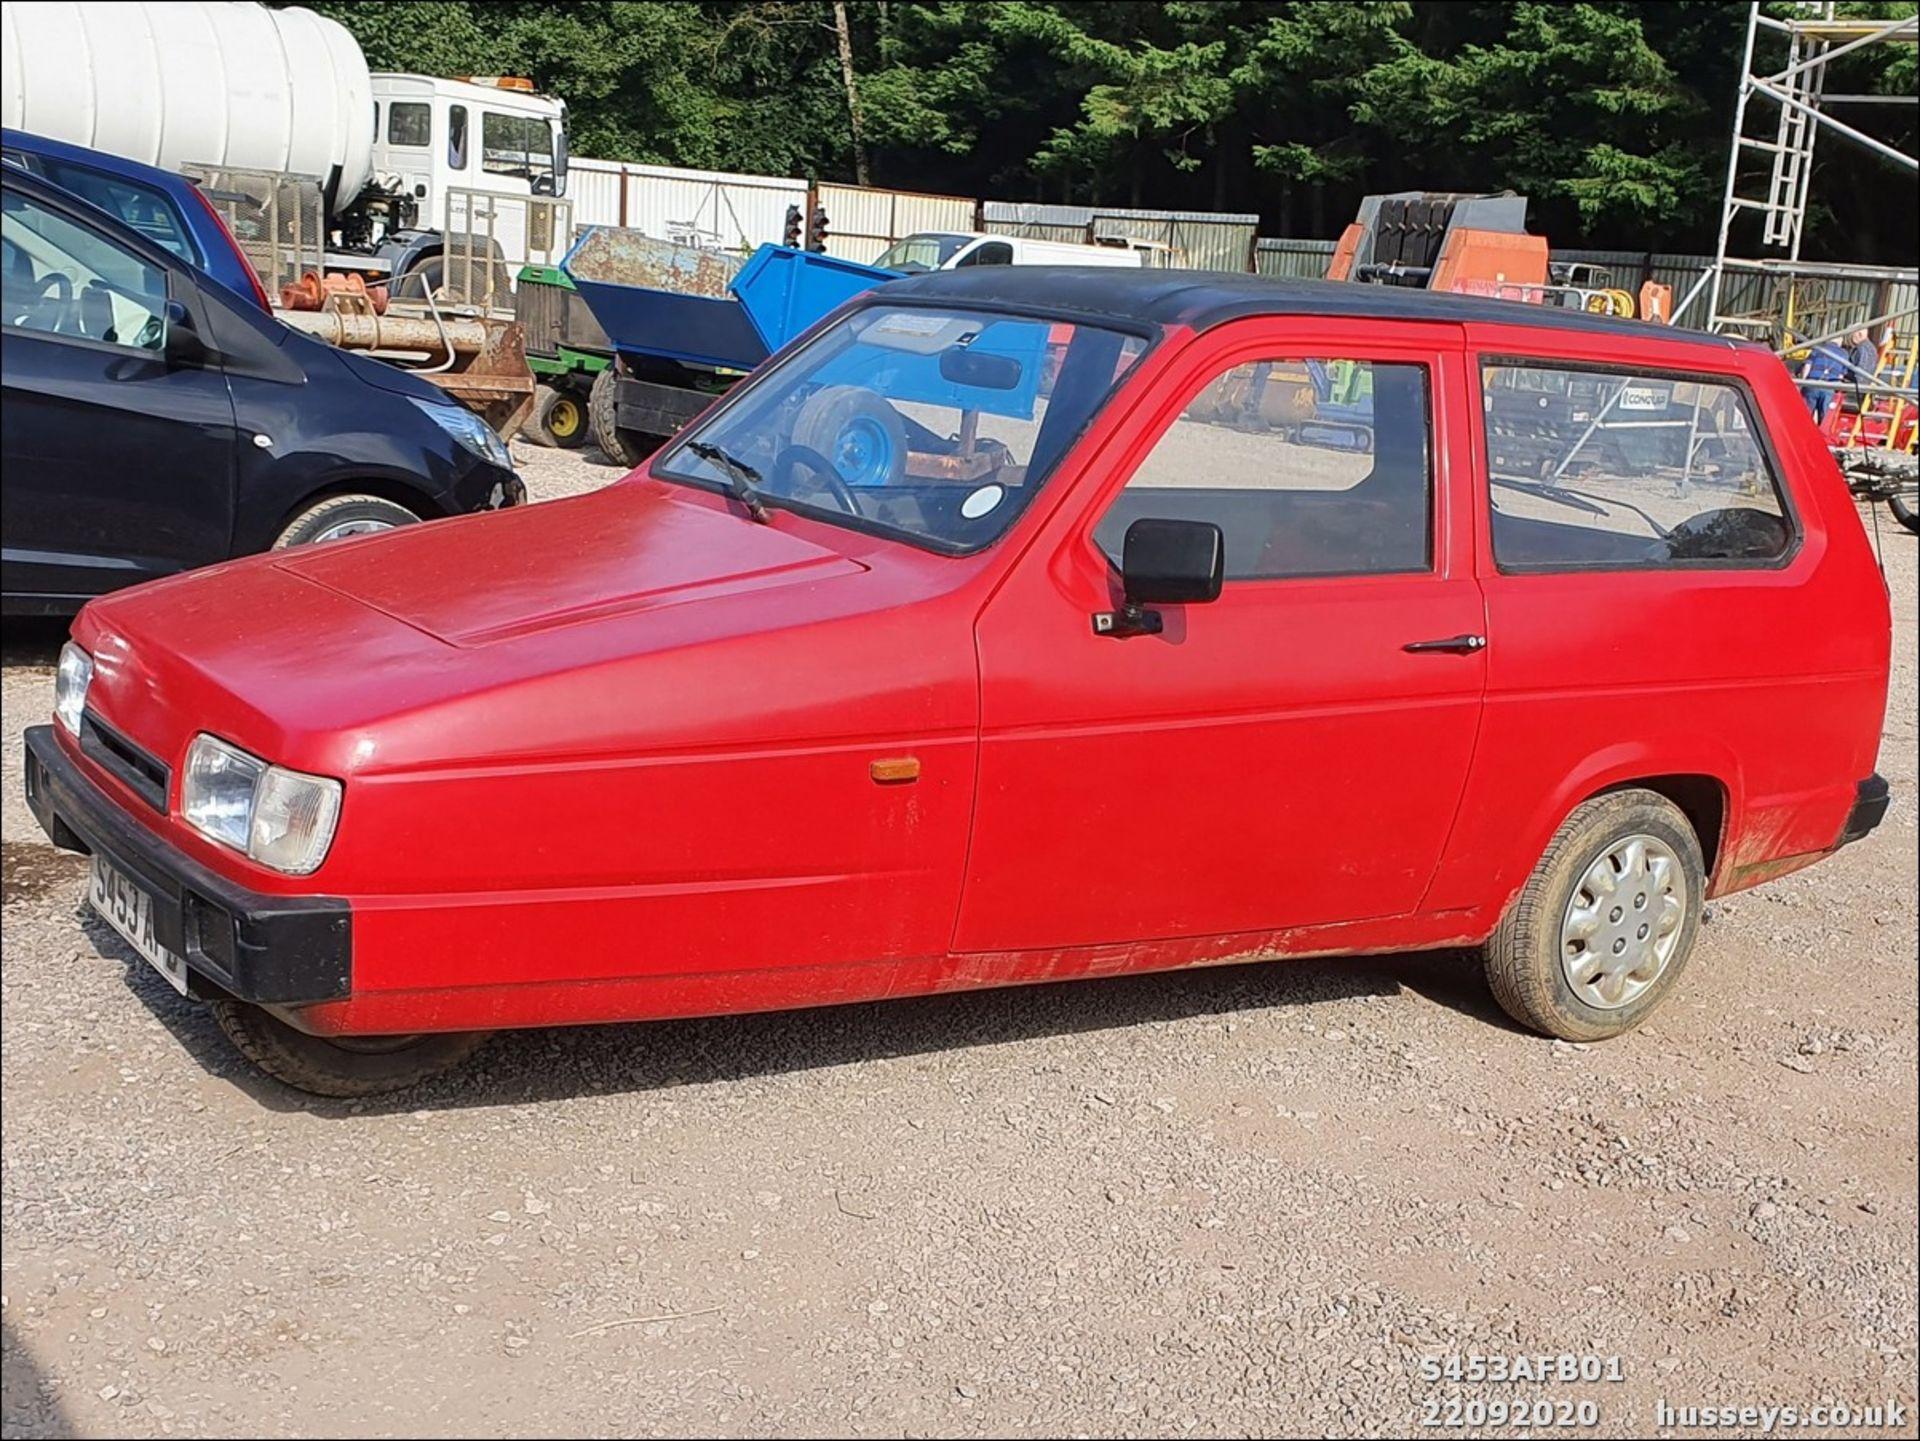 Lot 3017 - 1998 RELIANT RIALTO VAN - 848cc 3dr Van (Red, 57k)